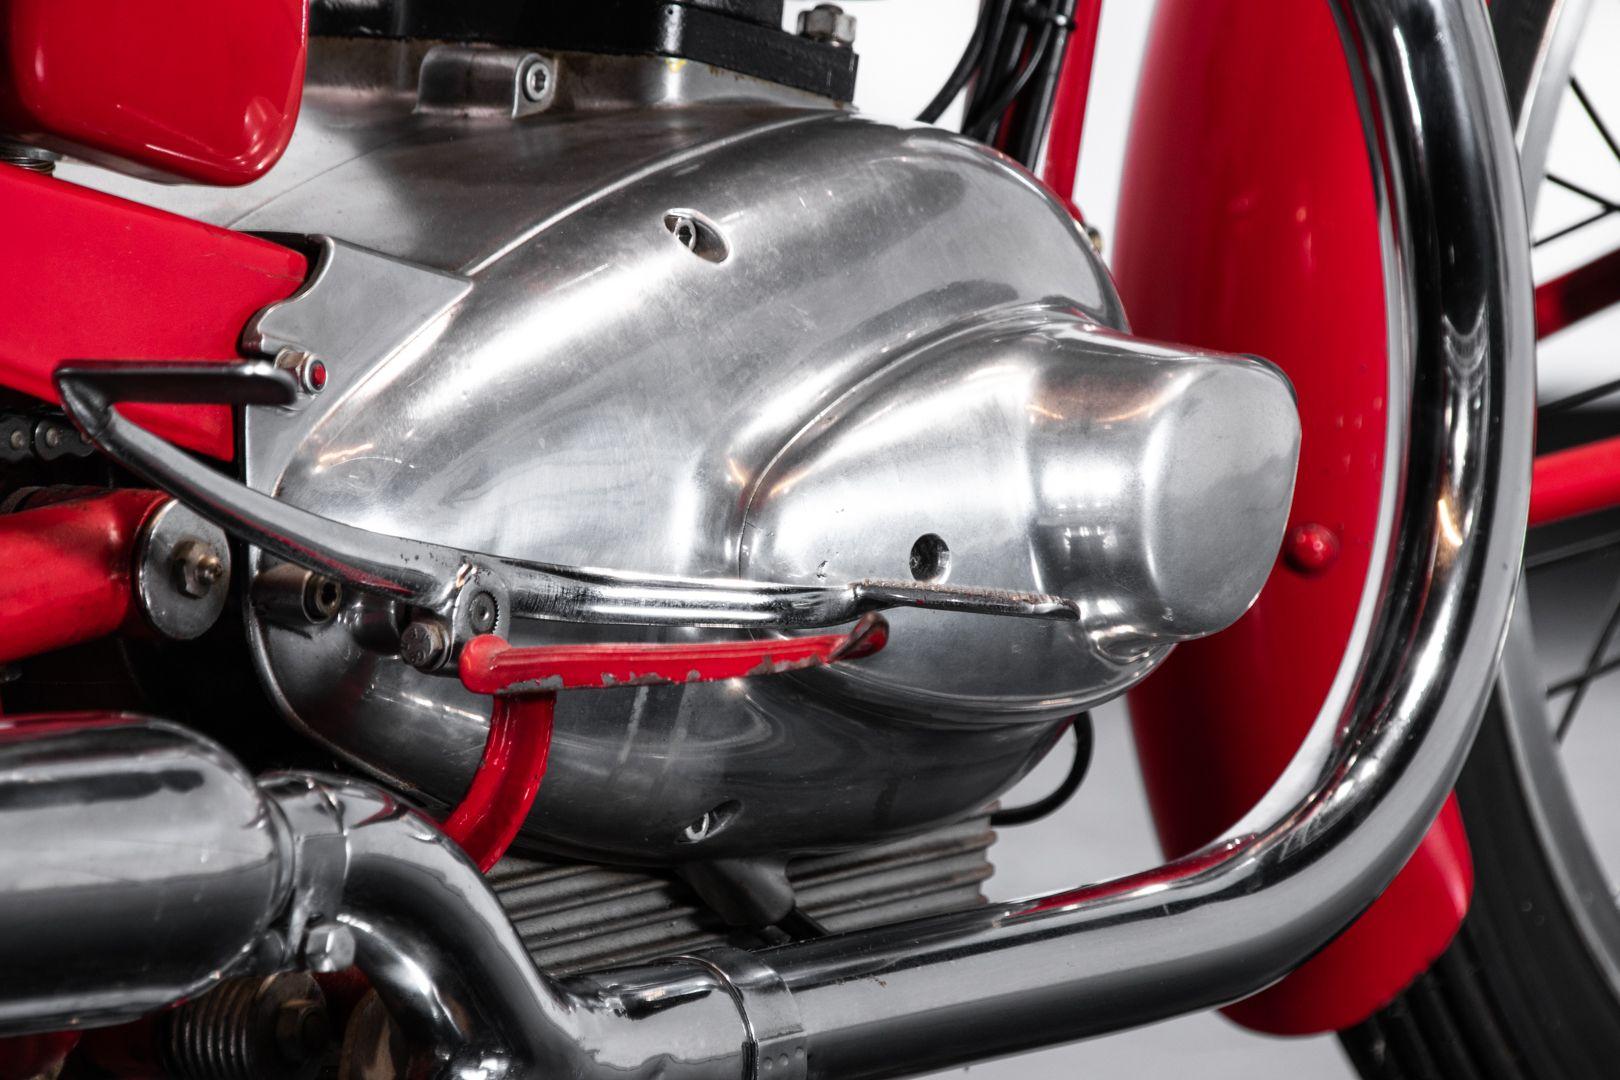 1955 Moto Morini Settebello Molle Cilindriche 175 78569